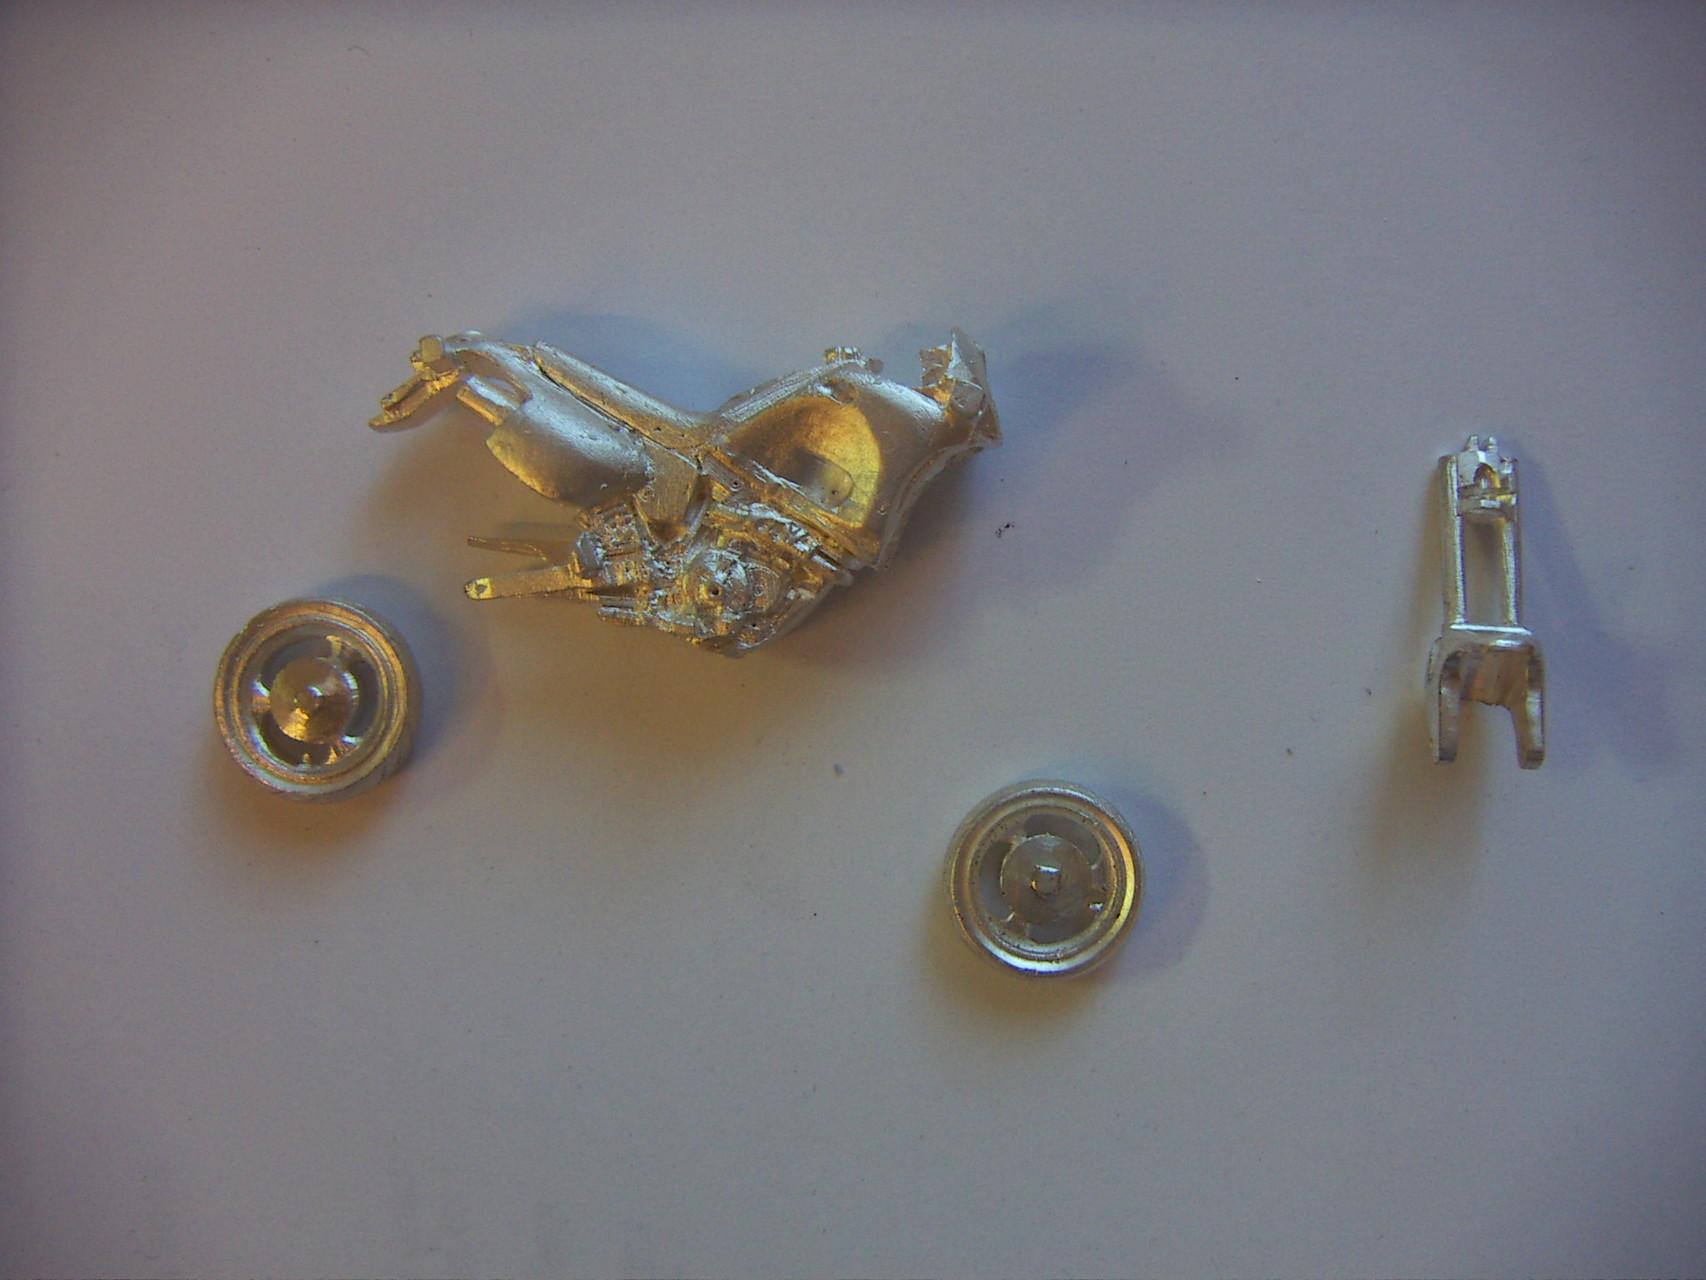 De verschillende onderdelen in zilver